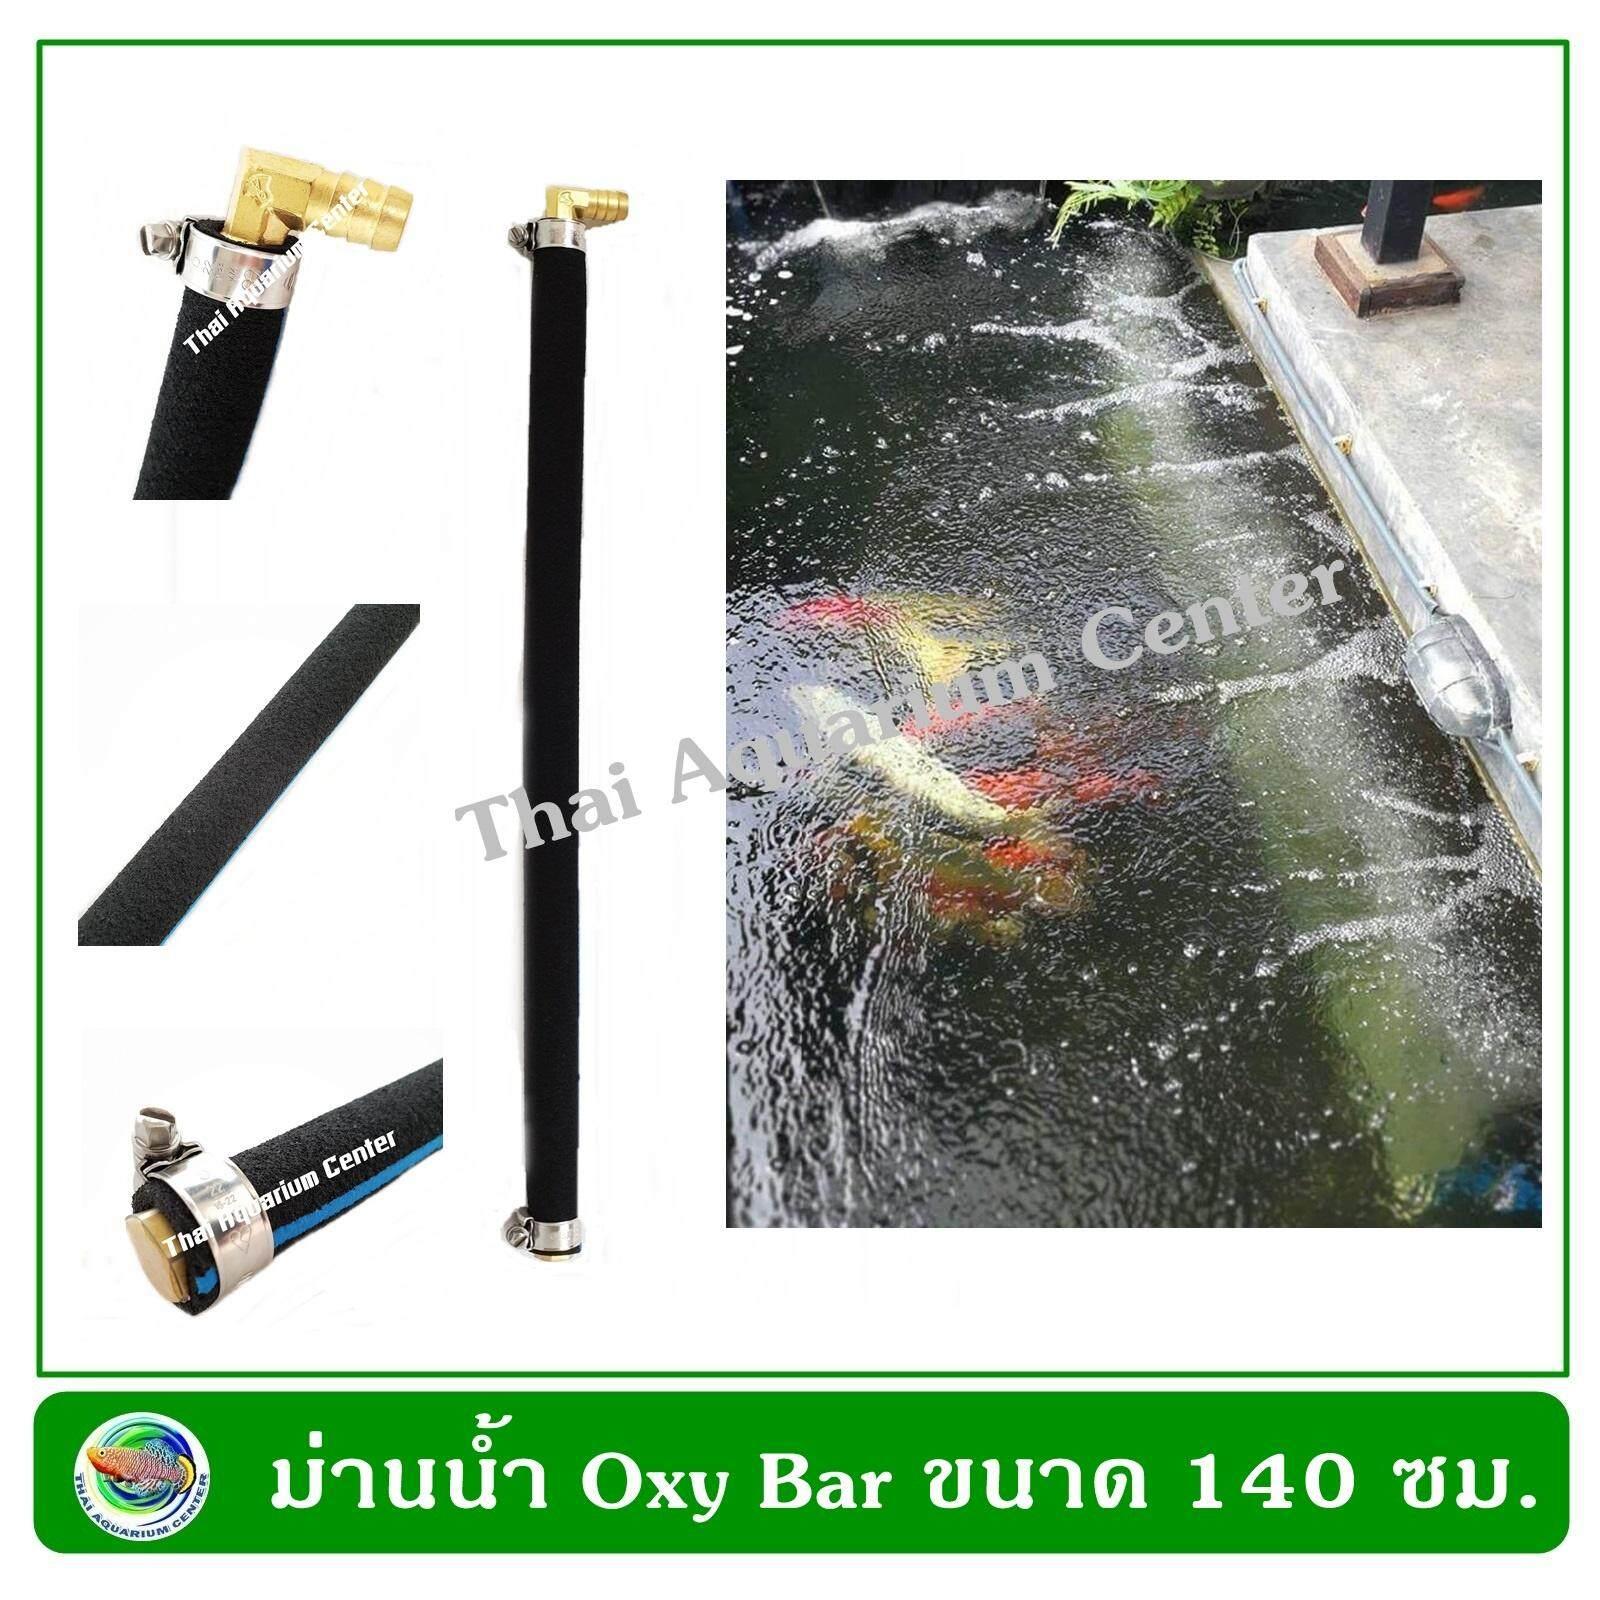 Oxy Bar ม่านน้ำออกซิเจน ท่อยางปล่อยออกซิเจน ยาว 140 ซม.